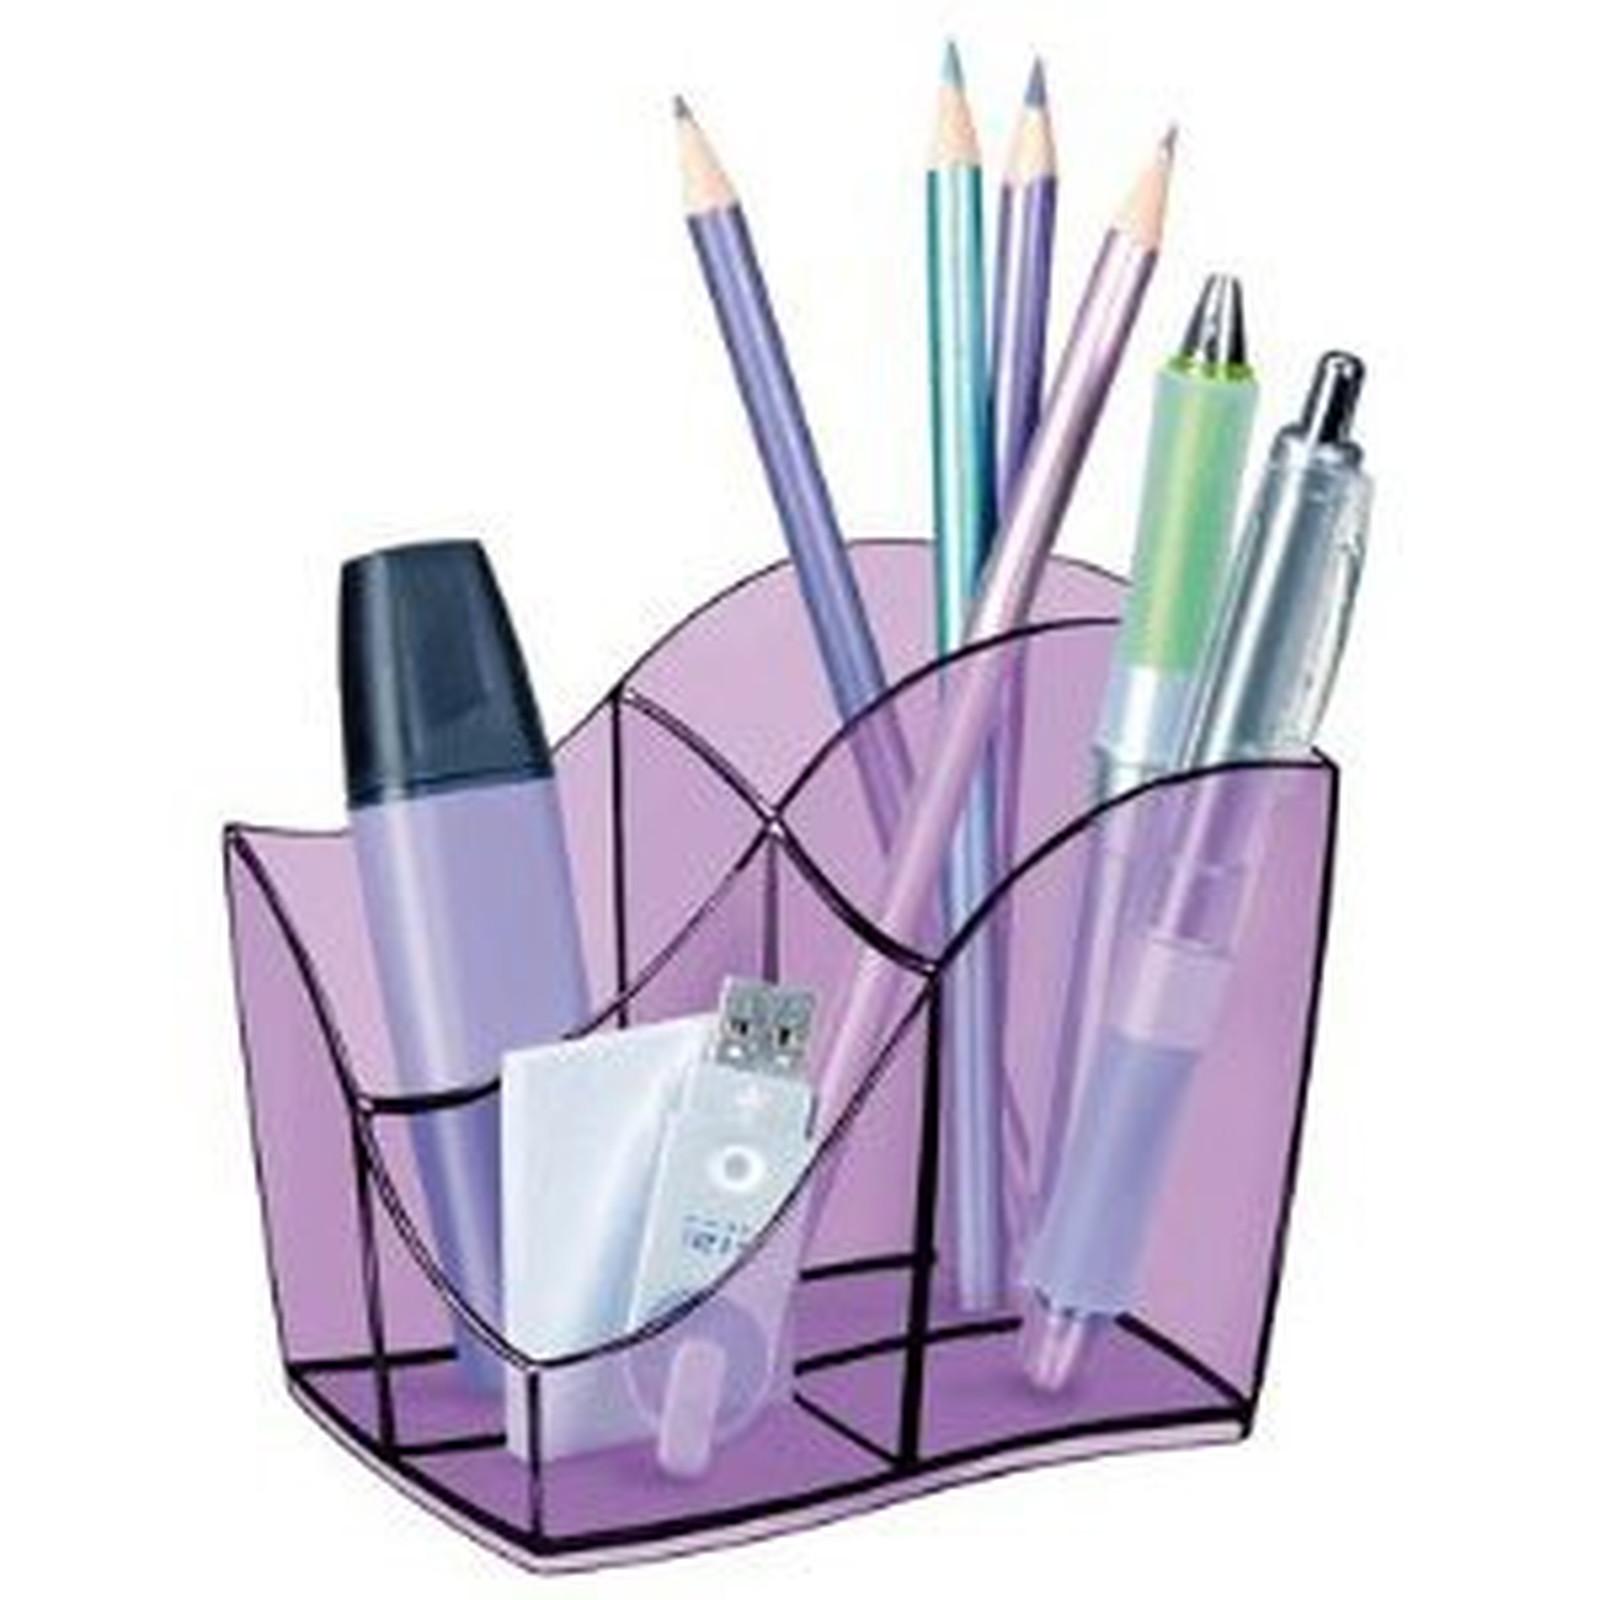 CEP Multipot ISIS Tonic lilas - Pot à crayon